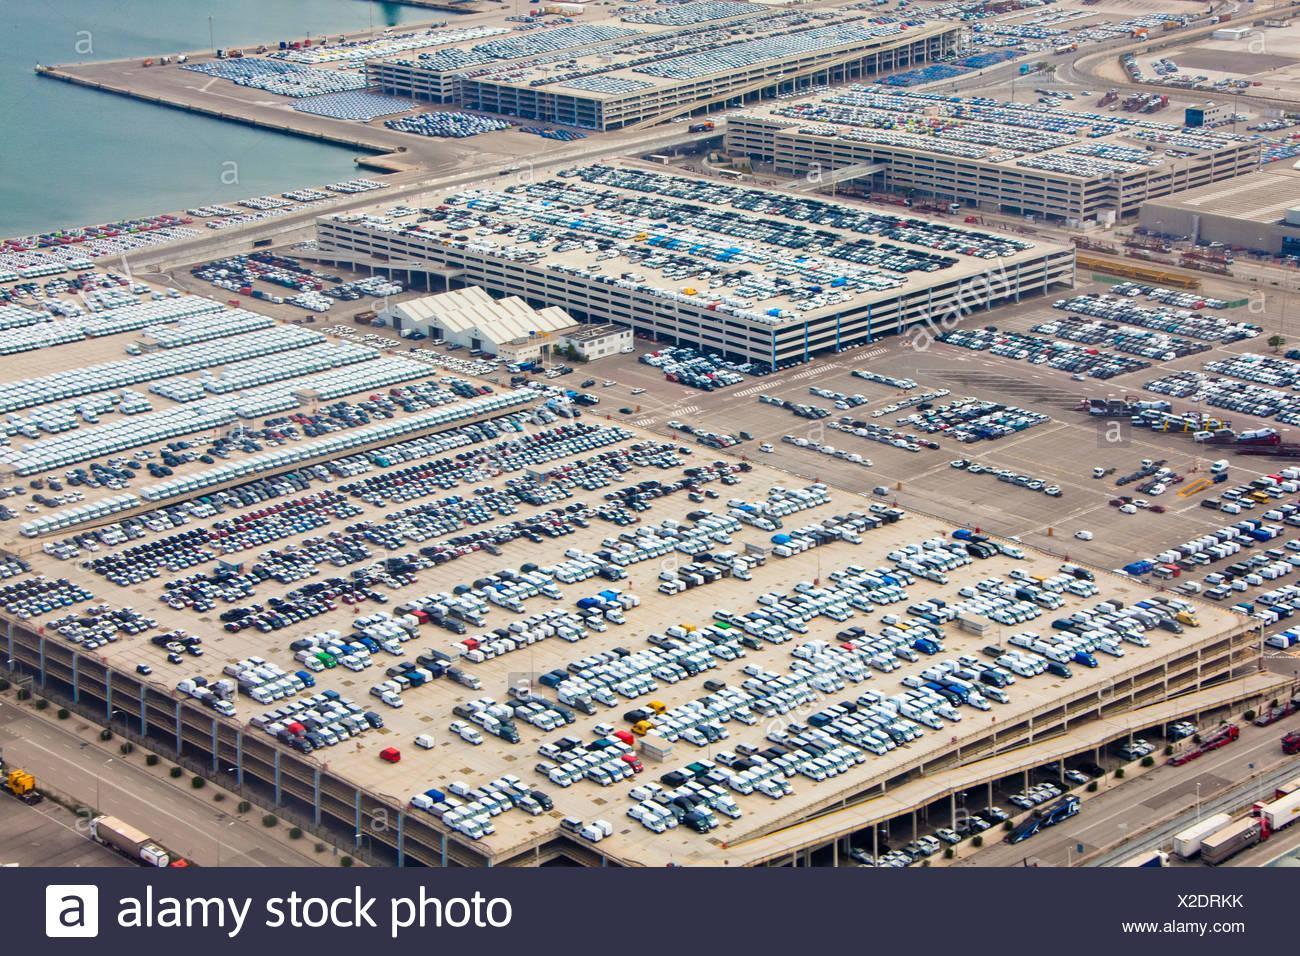 Spanien, Barcelona, Hafen, Hafen, Autos, Parkplätze, Export, Luftaufnahme, Geschäft Stockbild